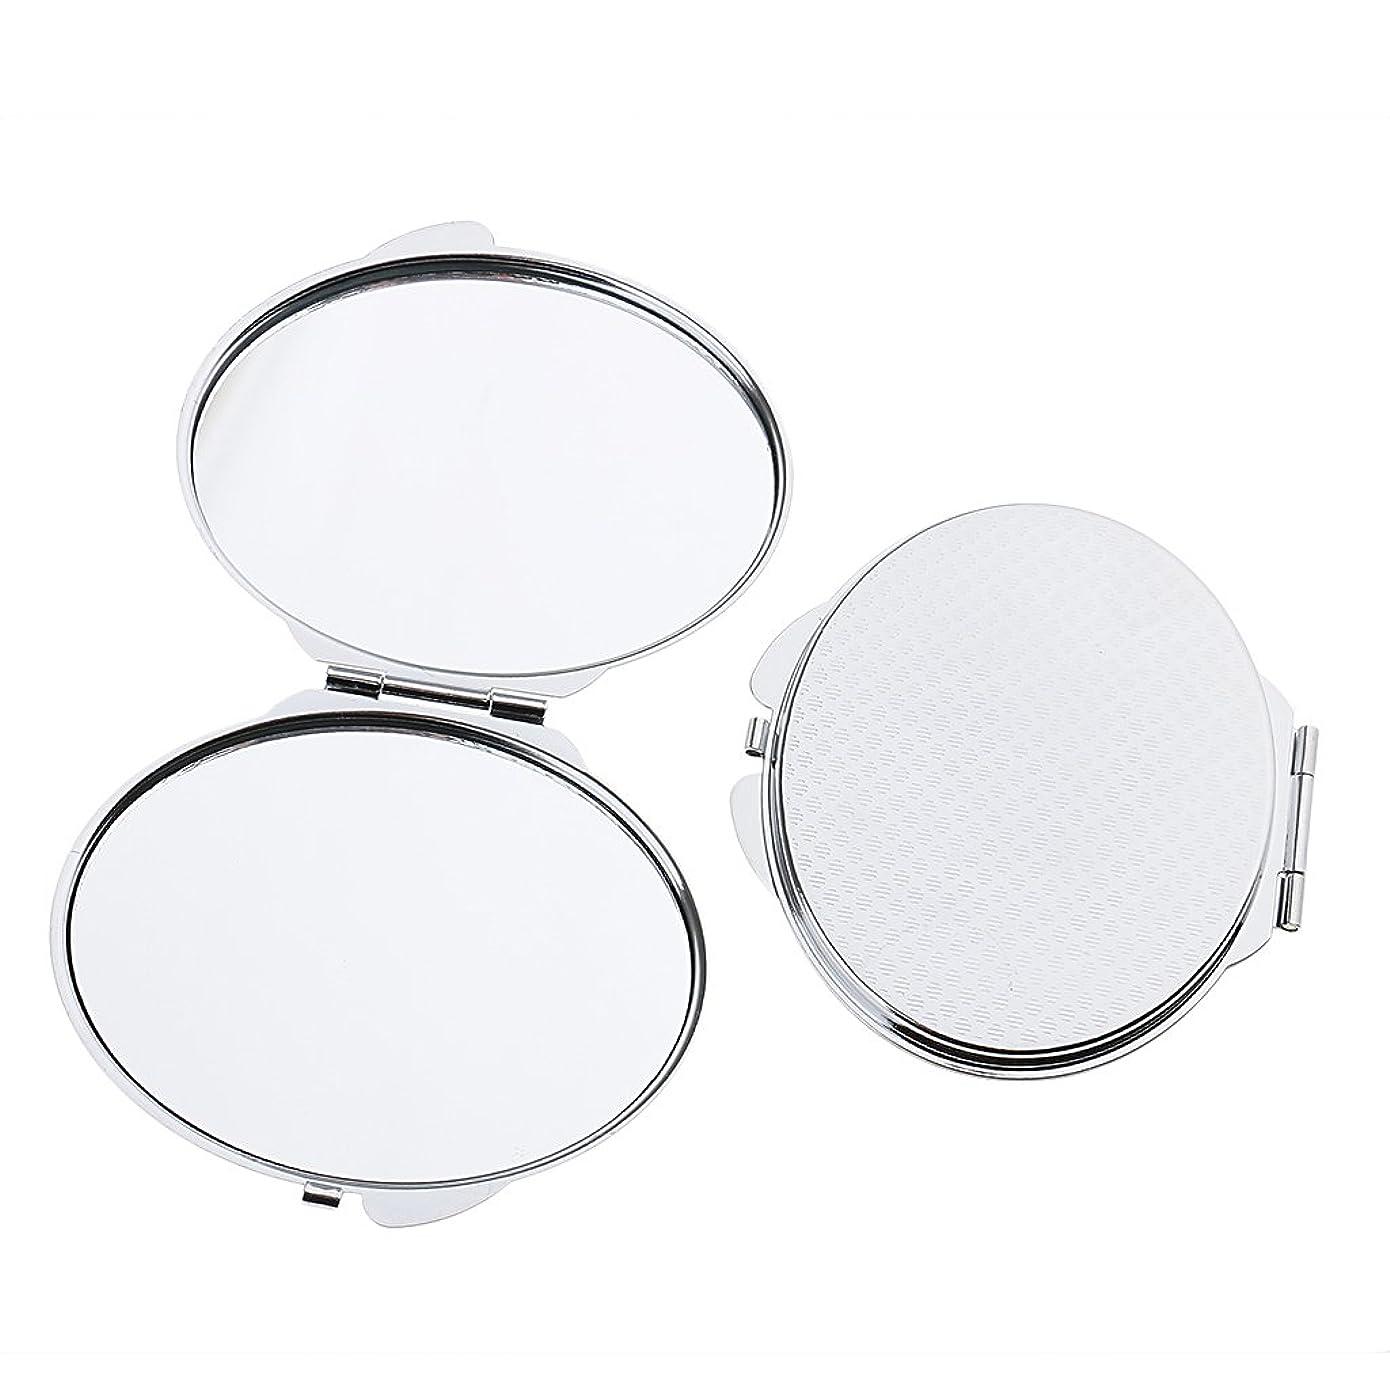 Fenteer 2個入 ポケットメイクミラー メイクミラー ポータブル ダブル 折りたたみ 鏡 化粧鏡 2タイプ選べる - 丸い